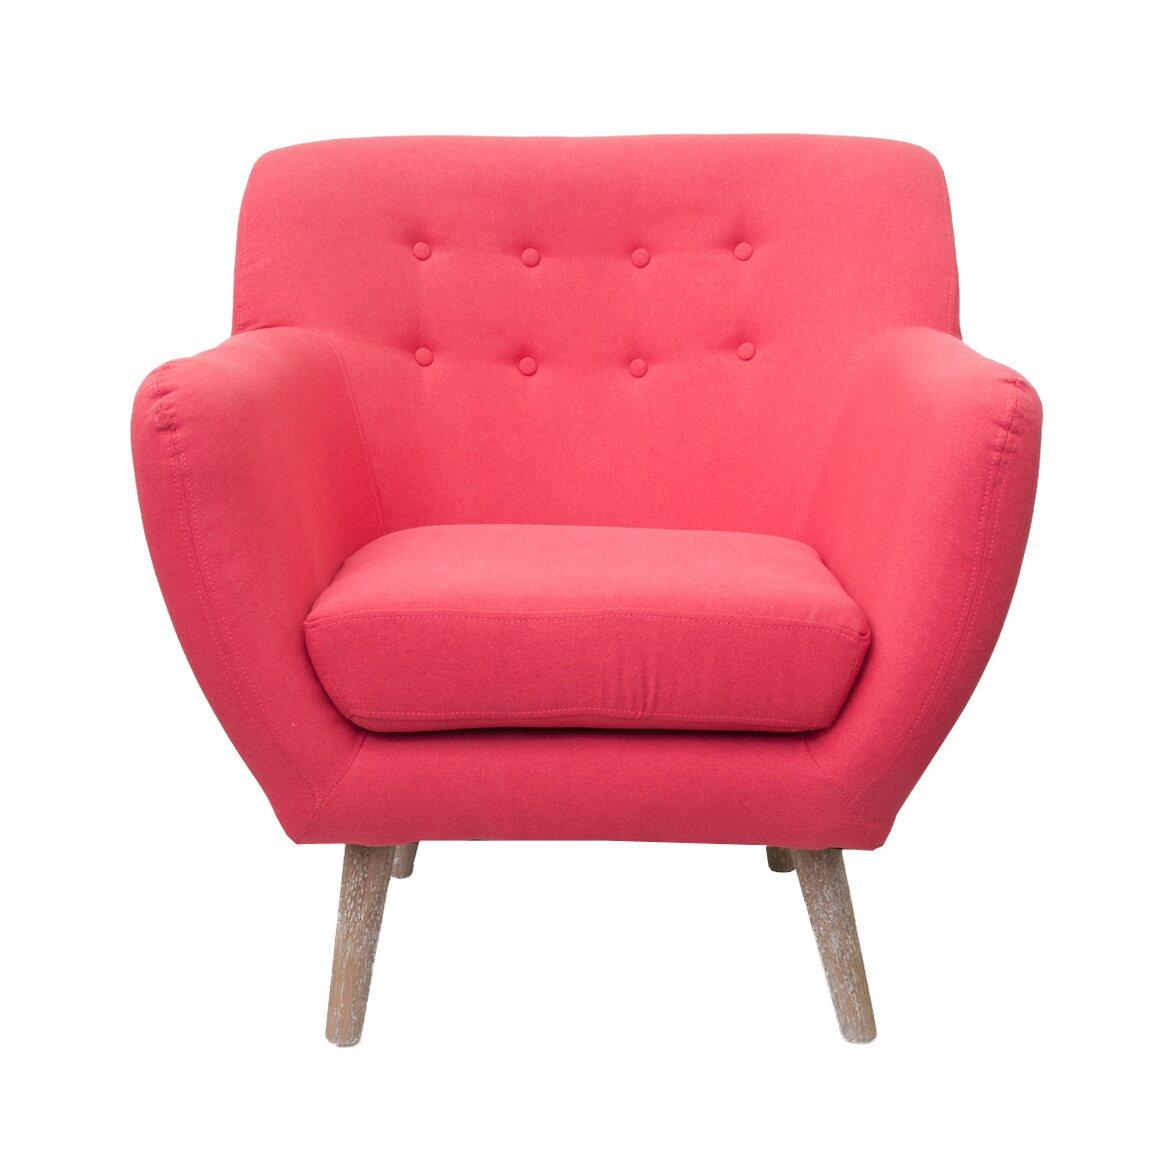 Низкое кресло Fuller red   Маленькие кресла Kingsby